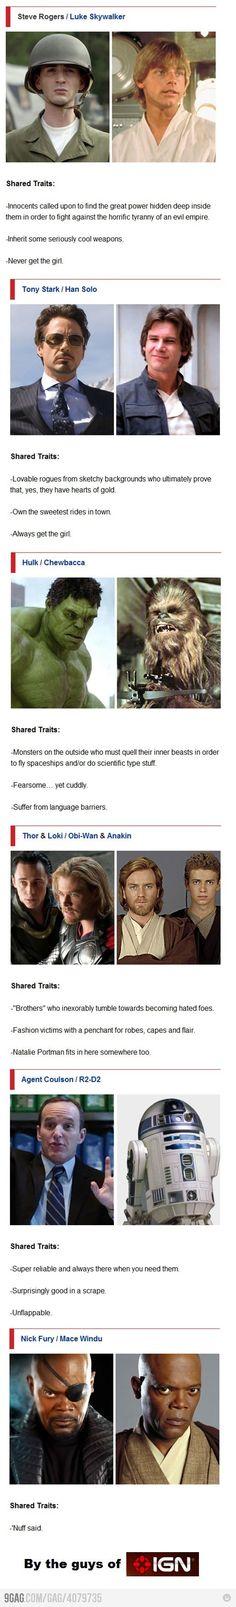 Avengers vs. Star Wars